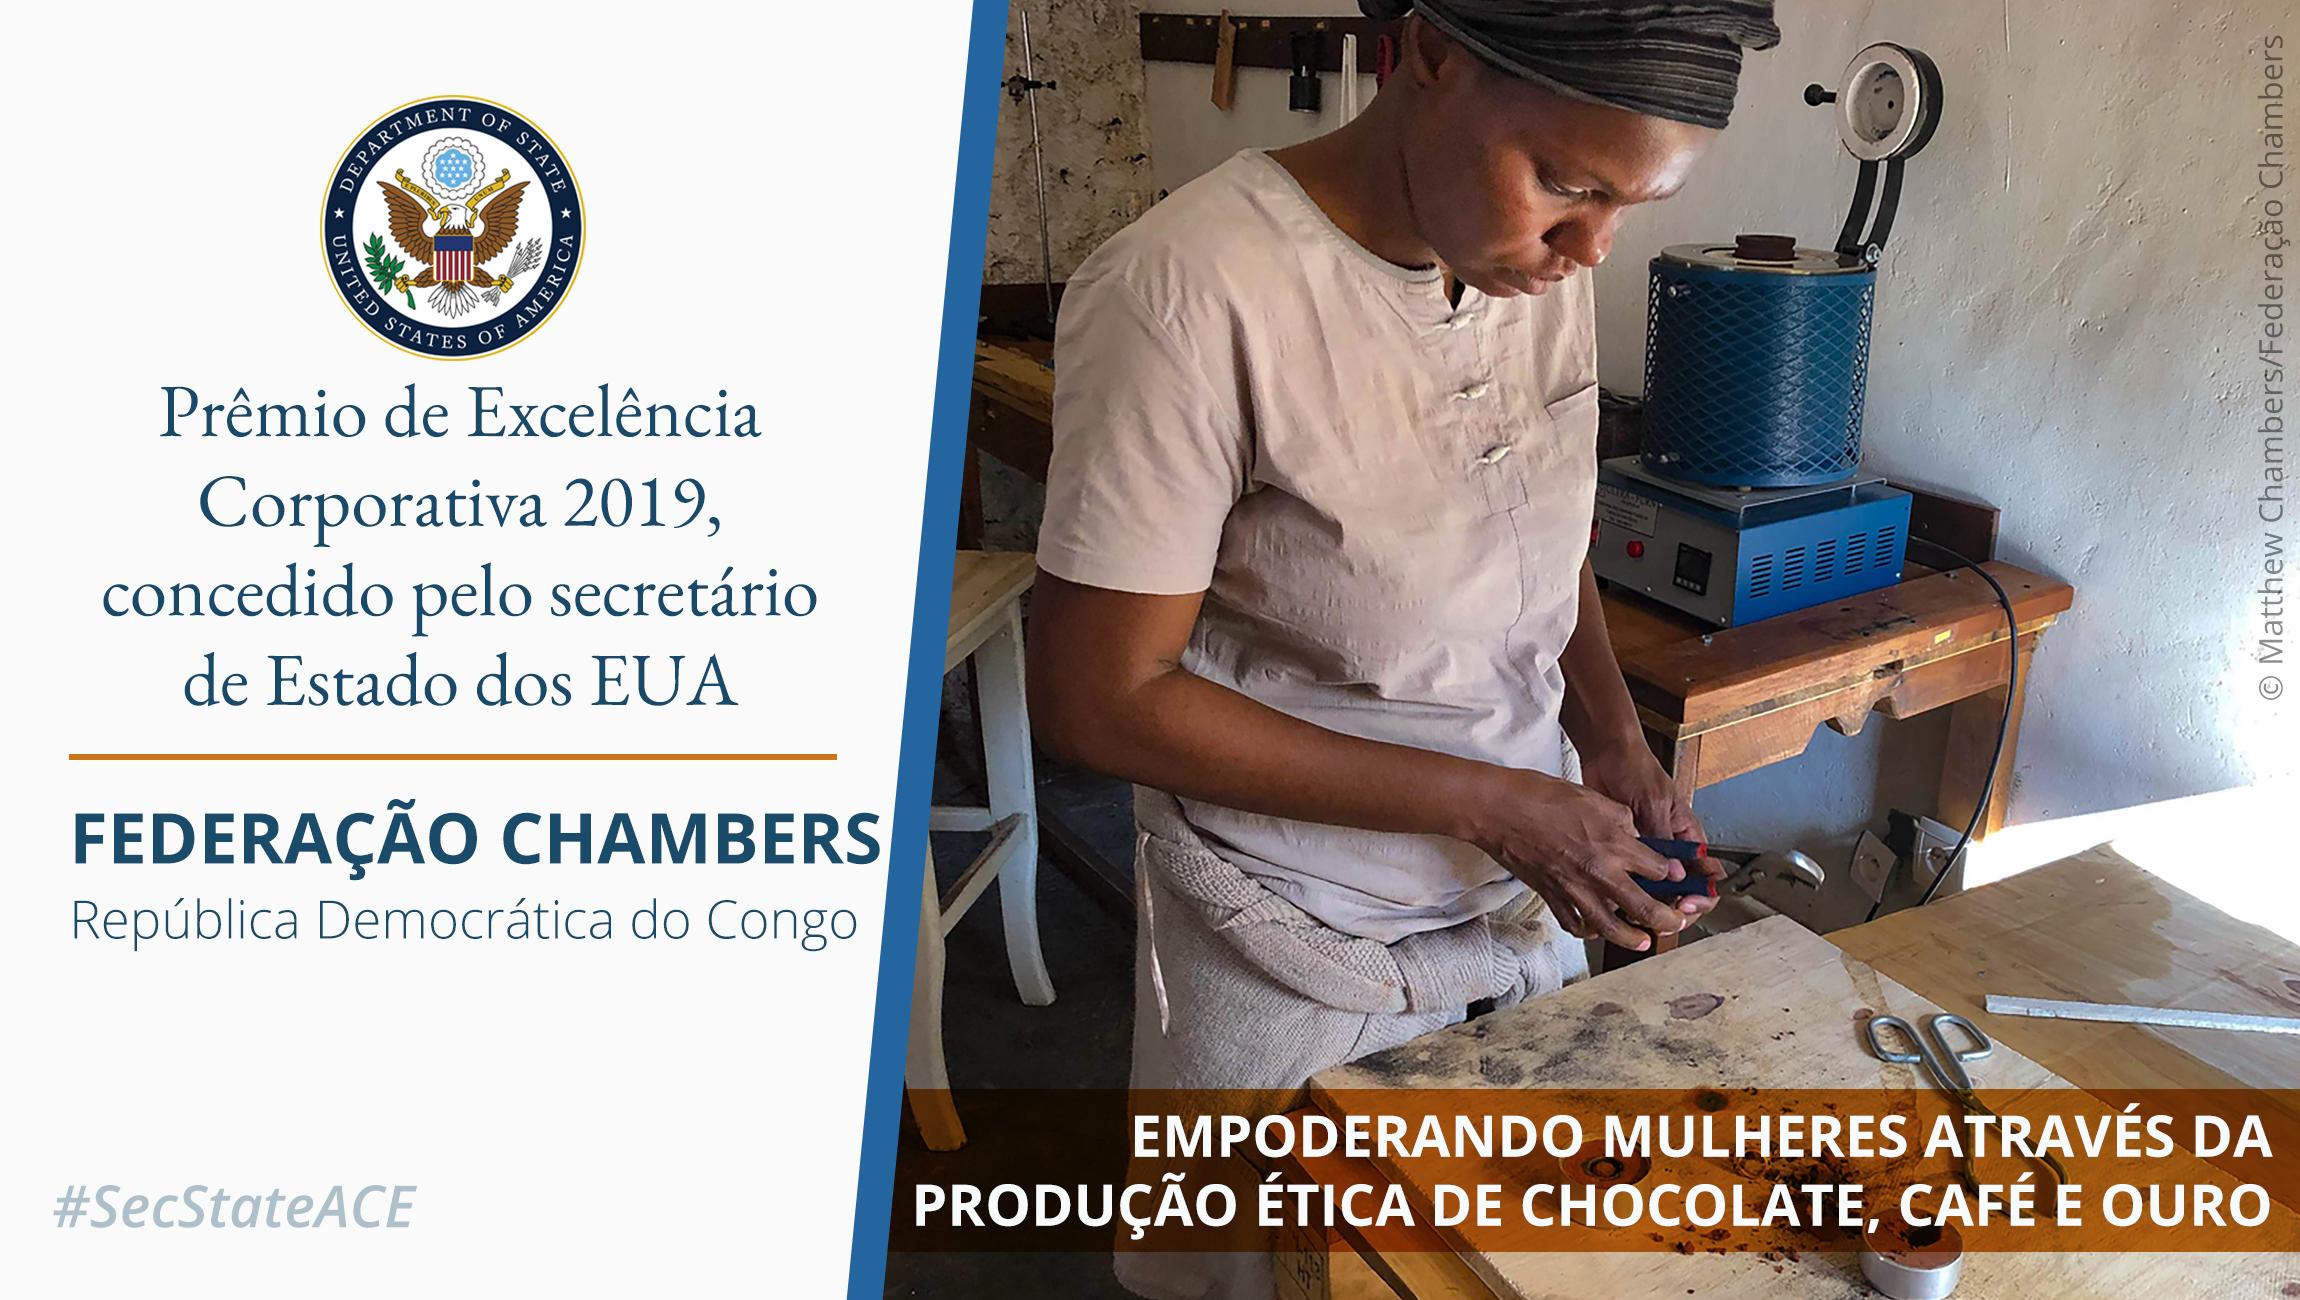 Foto: mulher em frente de mesa de trabalho; na parte inferior, palavras sobrepostas fazendo referência ao Prêmio de Excelência Corporativa (Depto. de Estado/Foto: © Matthew Chambers/Federação Chambers)